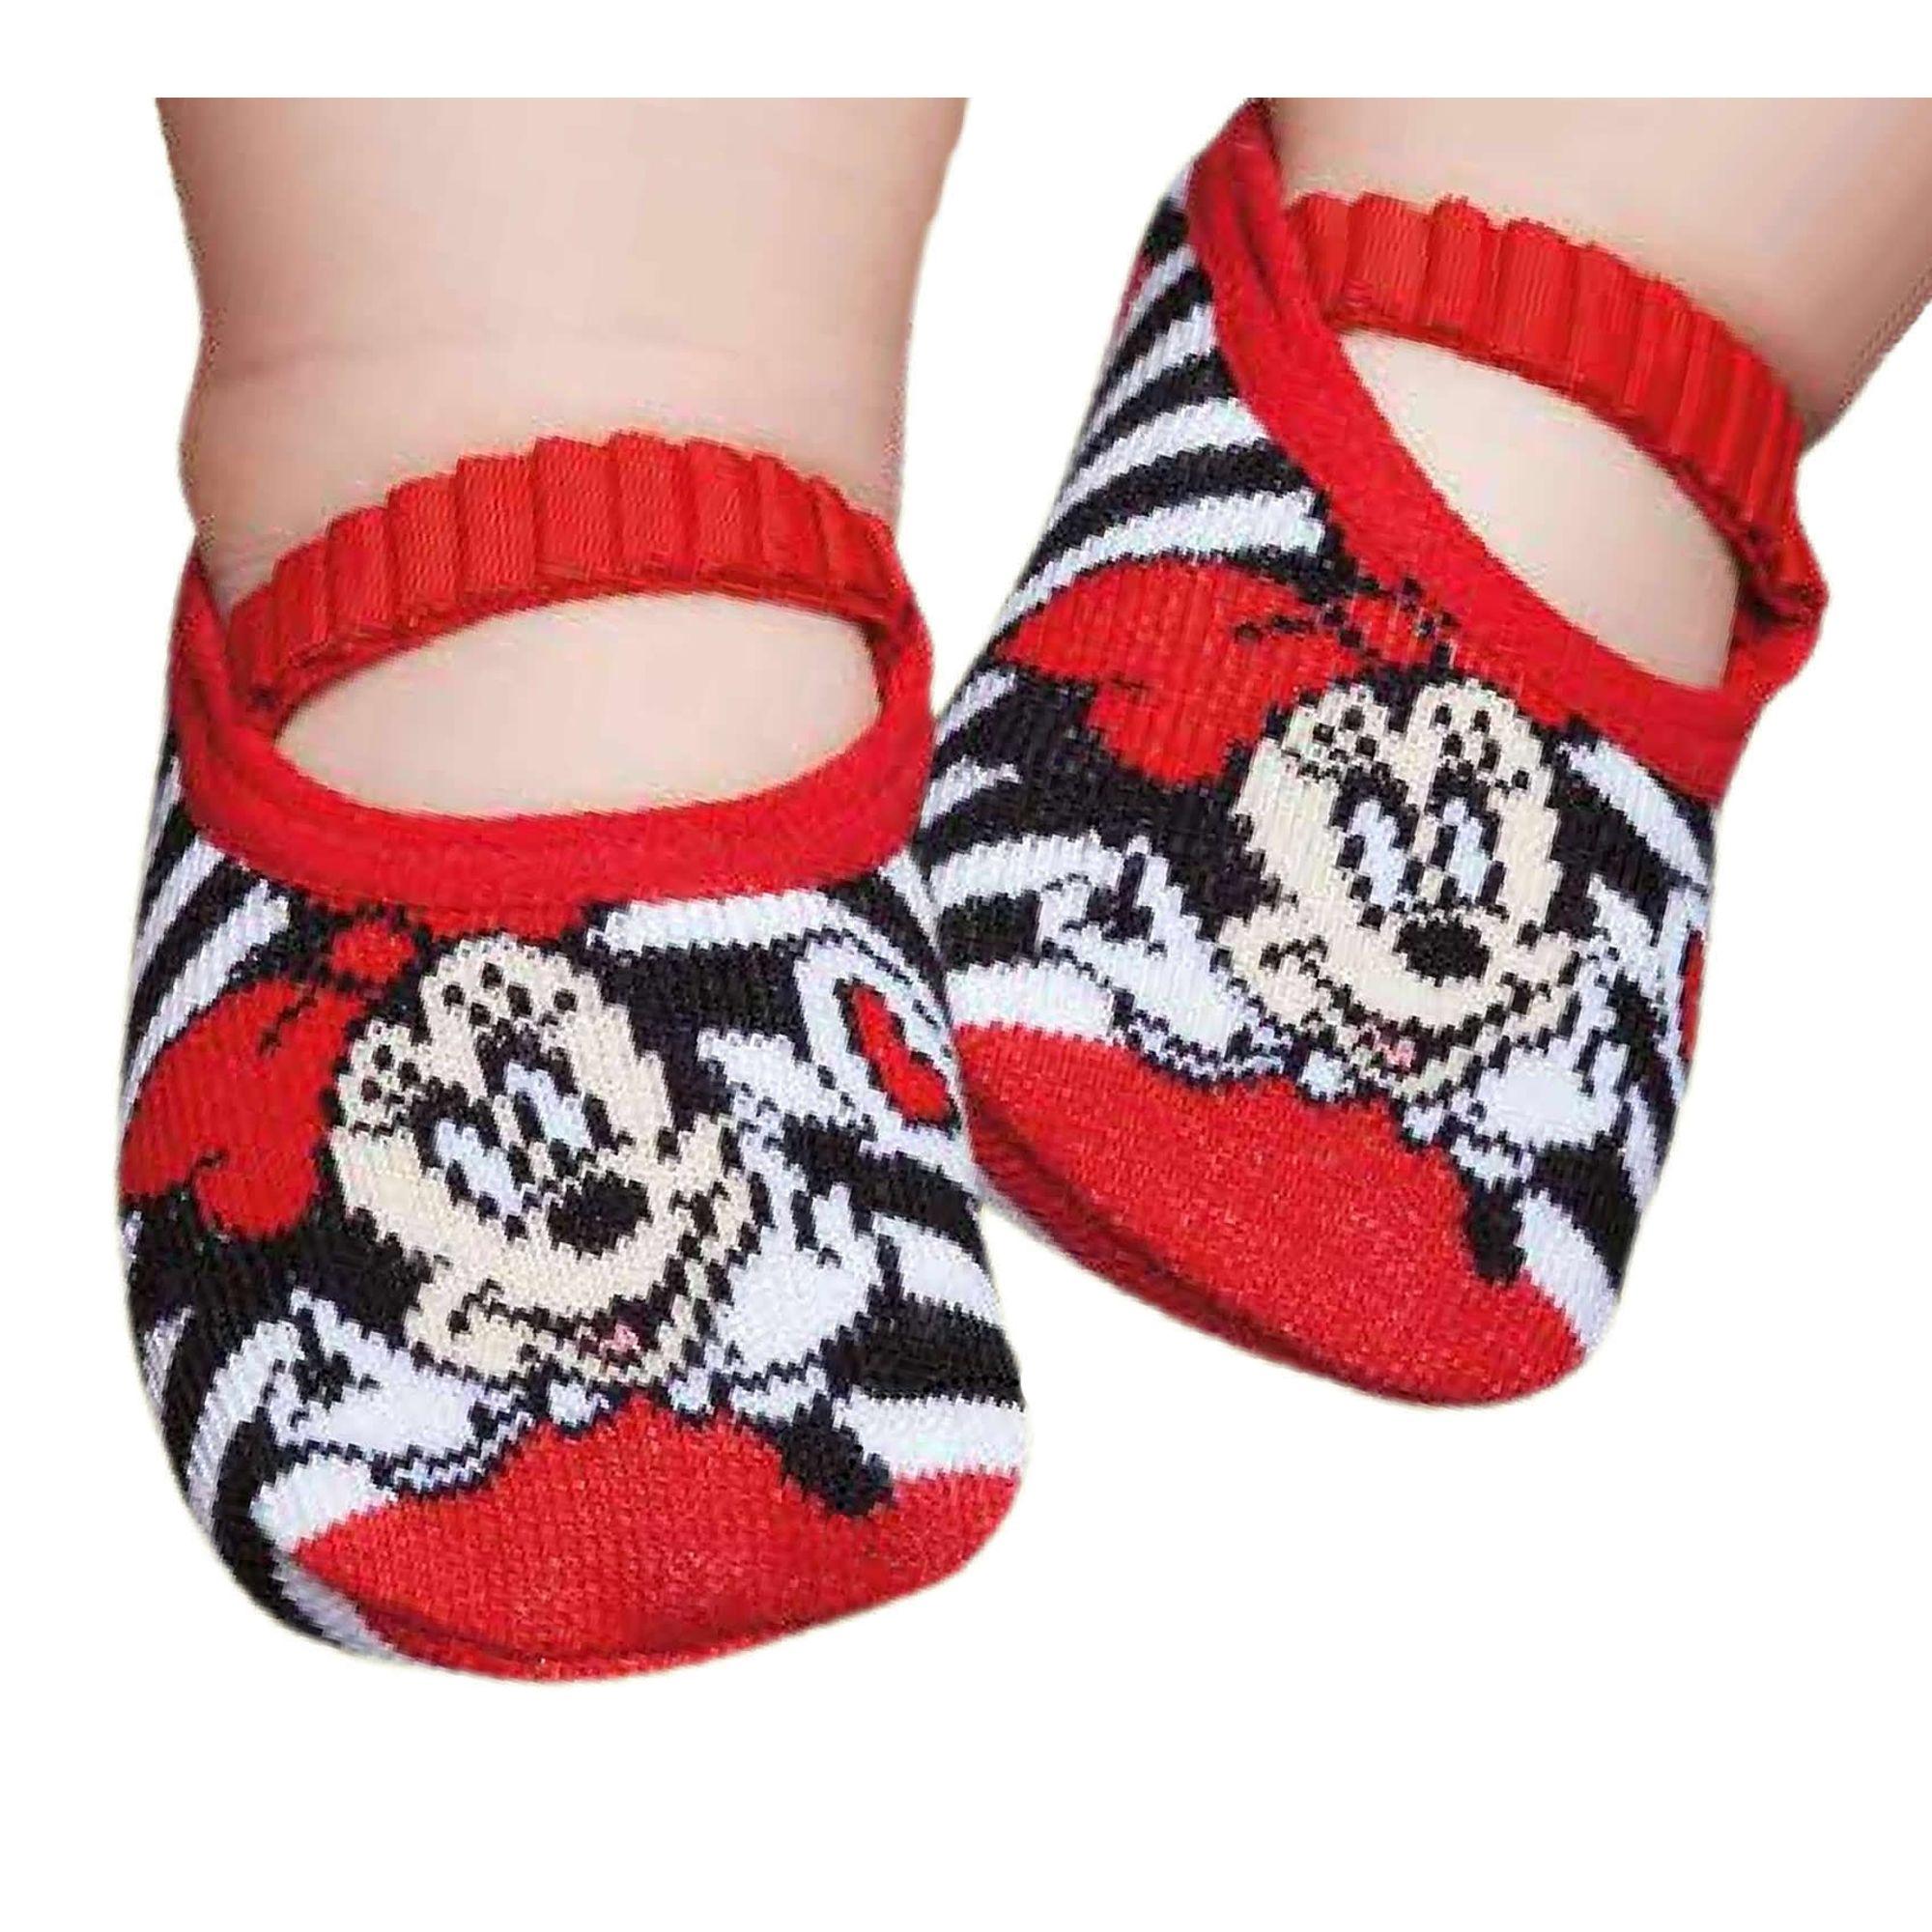 f910fa59ec1177 Meia Baby Sapatilha Disney® Minnie Puket - EcaMeleca